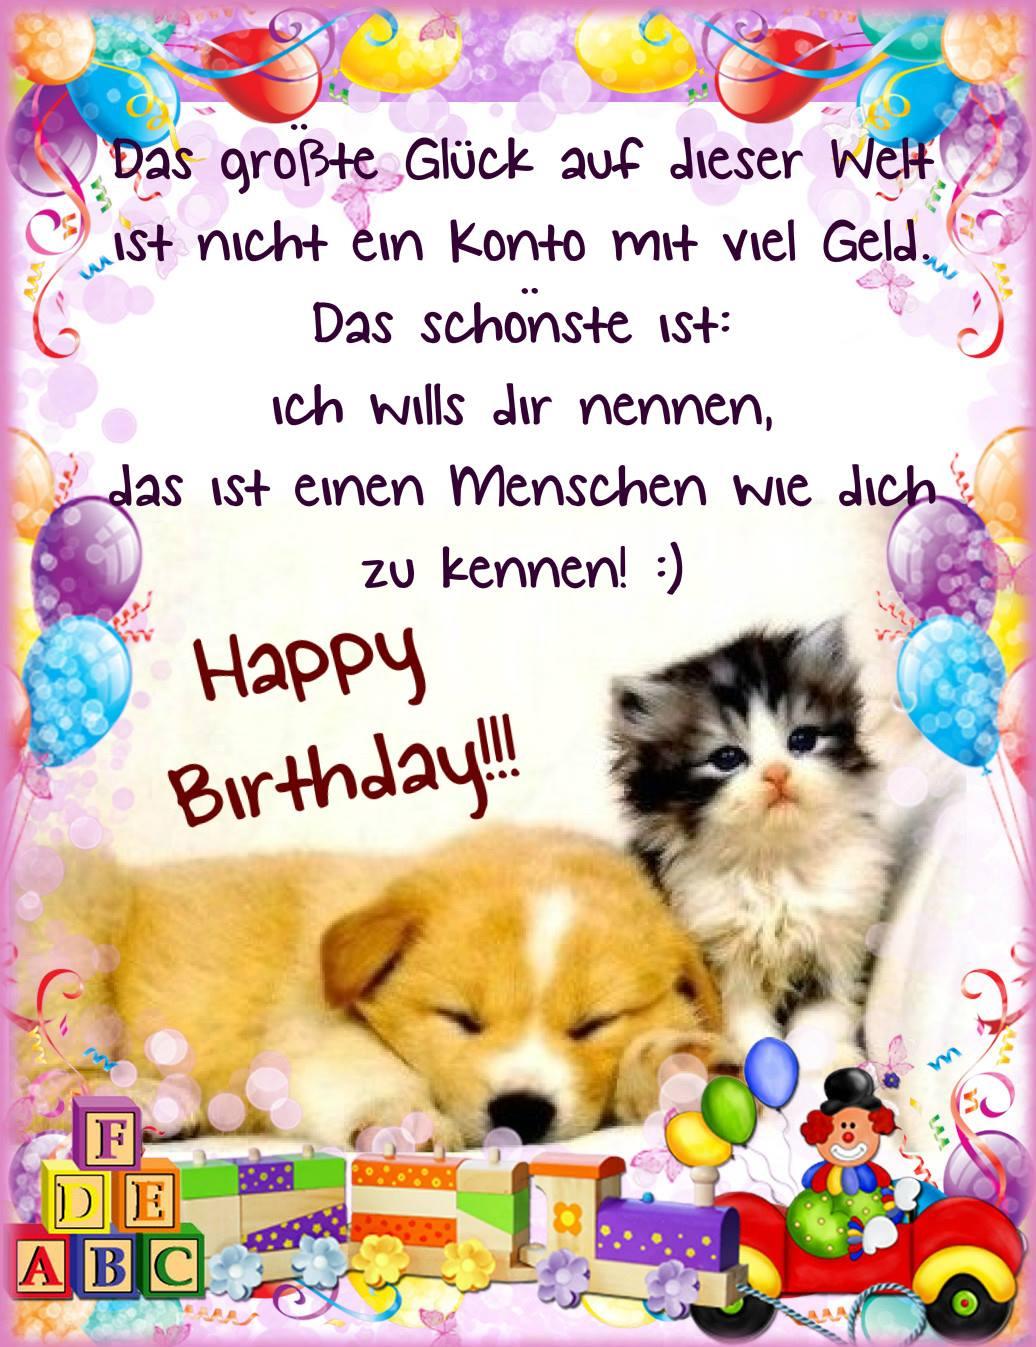 Kurze Geburtstagswünsche Mit Geldgeschenk Marianiadiana Blog